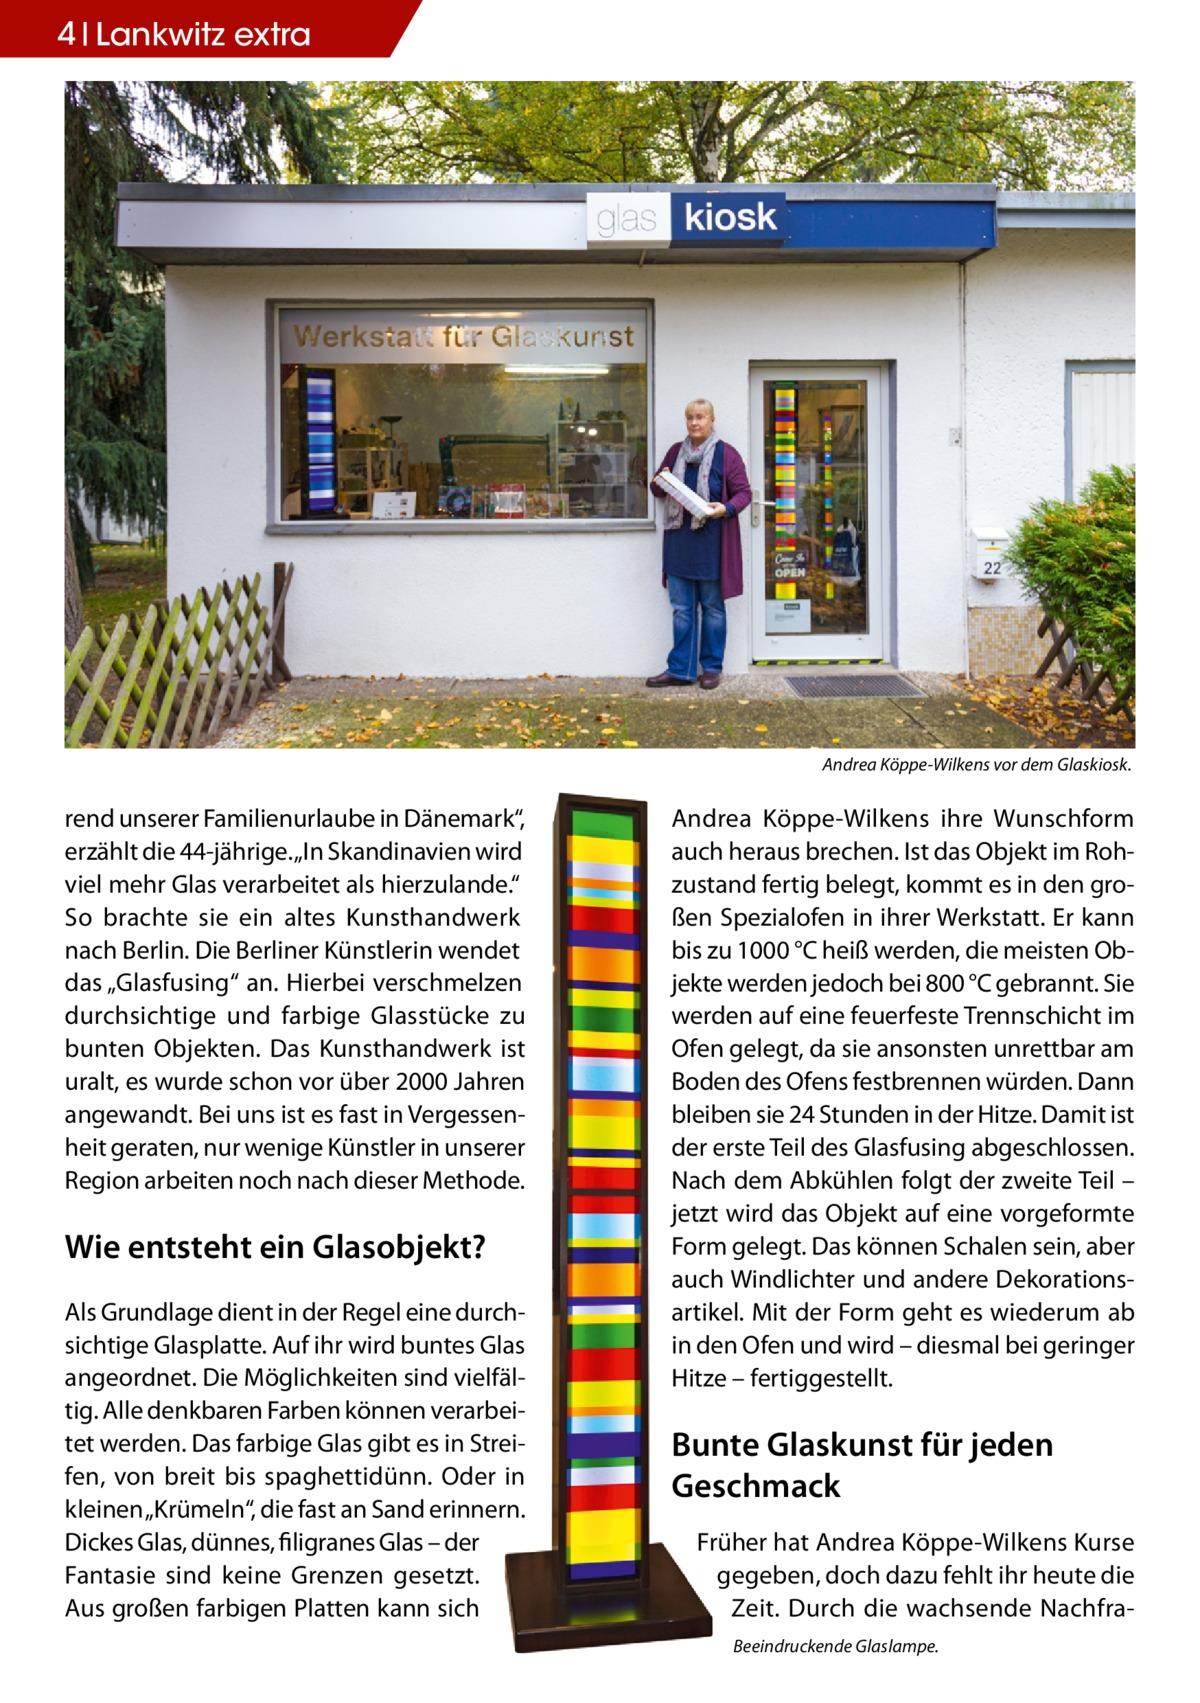 """4 Lankwitz extra  Andrea Köppe-Wilkens vor dem Glaskiosk.  rend unserer Familienurlaube in Dänemark"""", erzählt die 44-jährige. """"In Skandinavien wird viel mehr Glas verarbeitet als hierzulande."""" So brachte sie ein altes Kunsthandwerk nach Berlin. Die Berliner Künstlerin wendet das """"Glasfusing"""" an. Hierbei verschmelzen durchsichtige und farbige Glasstücke zu bunten Objekten. Das Kunsthandwerk ist uralt, es wurde schon vor über 2000 Jahren angewandt. Bei uns ist es fast in Vergessenheit geraten, nur wenige Künstler in unserer Region arbeiten noch nach dieser Methode.  Wie entsteht ein Glasobjekt? Als Grundlage dient in der Regel eine durchsichtige Glasplatte. Auf ihr wird buntes Glas angeordnet. Die Möglichkeiten sind vielfältig. Alle denkbaren Farben können verarbeitet werden. Das farbige Glas gibt es in Streifen, von breit bis spaghettidünn. Oder in kleinen """"Krümeln"""", die fast an Sand erinnern. Dickes Glas, dünnes, filigranes Glas – der Fantasie sind keine Grenzen gesetzt. Aus großen farbigen Platten kann sich  Andrea Köppe-Wilkens ihre Wunschform auch heraus brechen. Ist das Objekt im Rohzustand fertig belegt, kommt es in den großen Spezialofen in ihrer Werkstatt. Er kann bis zu 1000°C heiß werden, die meisten Objekte werden jedoch bei 800°C gebrannt. Sie werden auf eine feuerfeste Trennschicht im Ofen gelegt, da sie ansonsten unrettbar am Boden des Ofens festbrennen würden. Dann bleiben sie 24 Stunden in der Hitze. Damit ist der erste Teil des Glasfusing abgeschlossen. Nach dem Abkühlen folgt der zweite Teil – jetzt wird das Objekt auf eine vorgeformte Form gelegt. Das können Schalen sein, aber auch Windlichter und andere Dekorationsartikel. Mit der Form geht es wiederum ab in den Ofen und wird – diesmal bei geringer Hitze – fertiggestellt.  Bunte Glaskunst für jeden Geschmack Früher hat Andrea Köppe-Wilkens Kurse gegeben, doch dazu fehlt ihr heute die Zeit. Durch die wachsende NachfraBeeindruckende Glaslampe."""